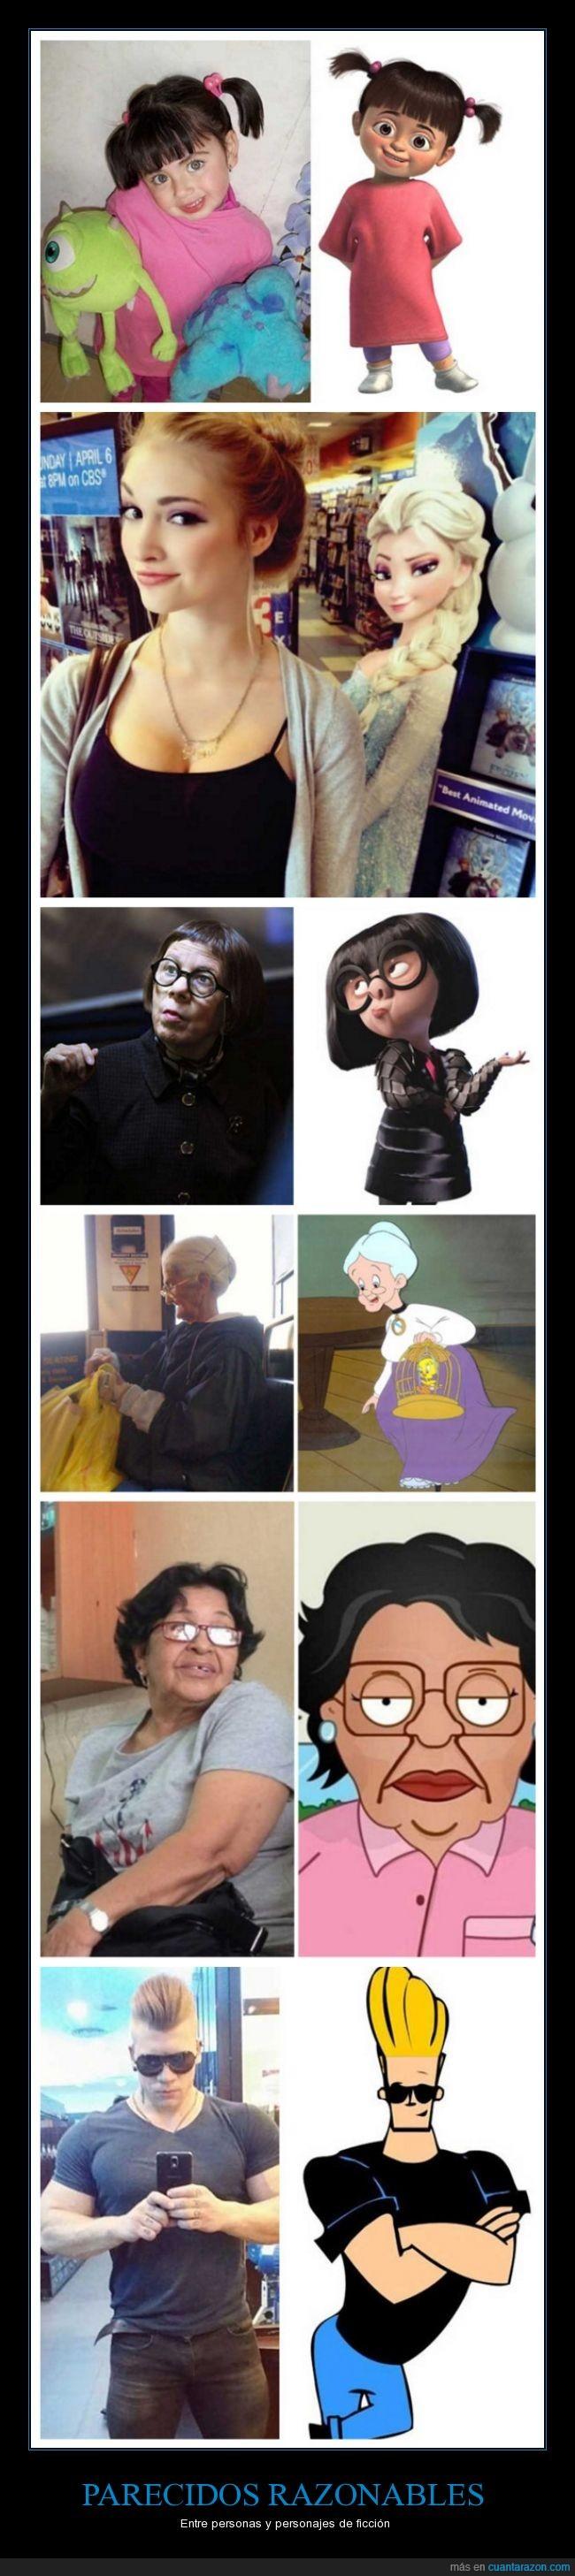 animacion,Boo,Consuela,dibujo,dibujos animados,Elsa,ficción,Johnny Bravo,parecido,parecidosrazonables,personajes,personas,series